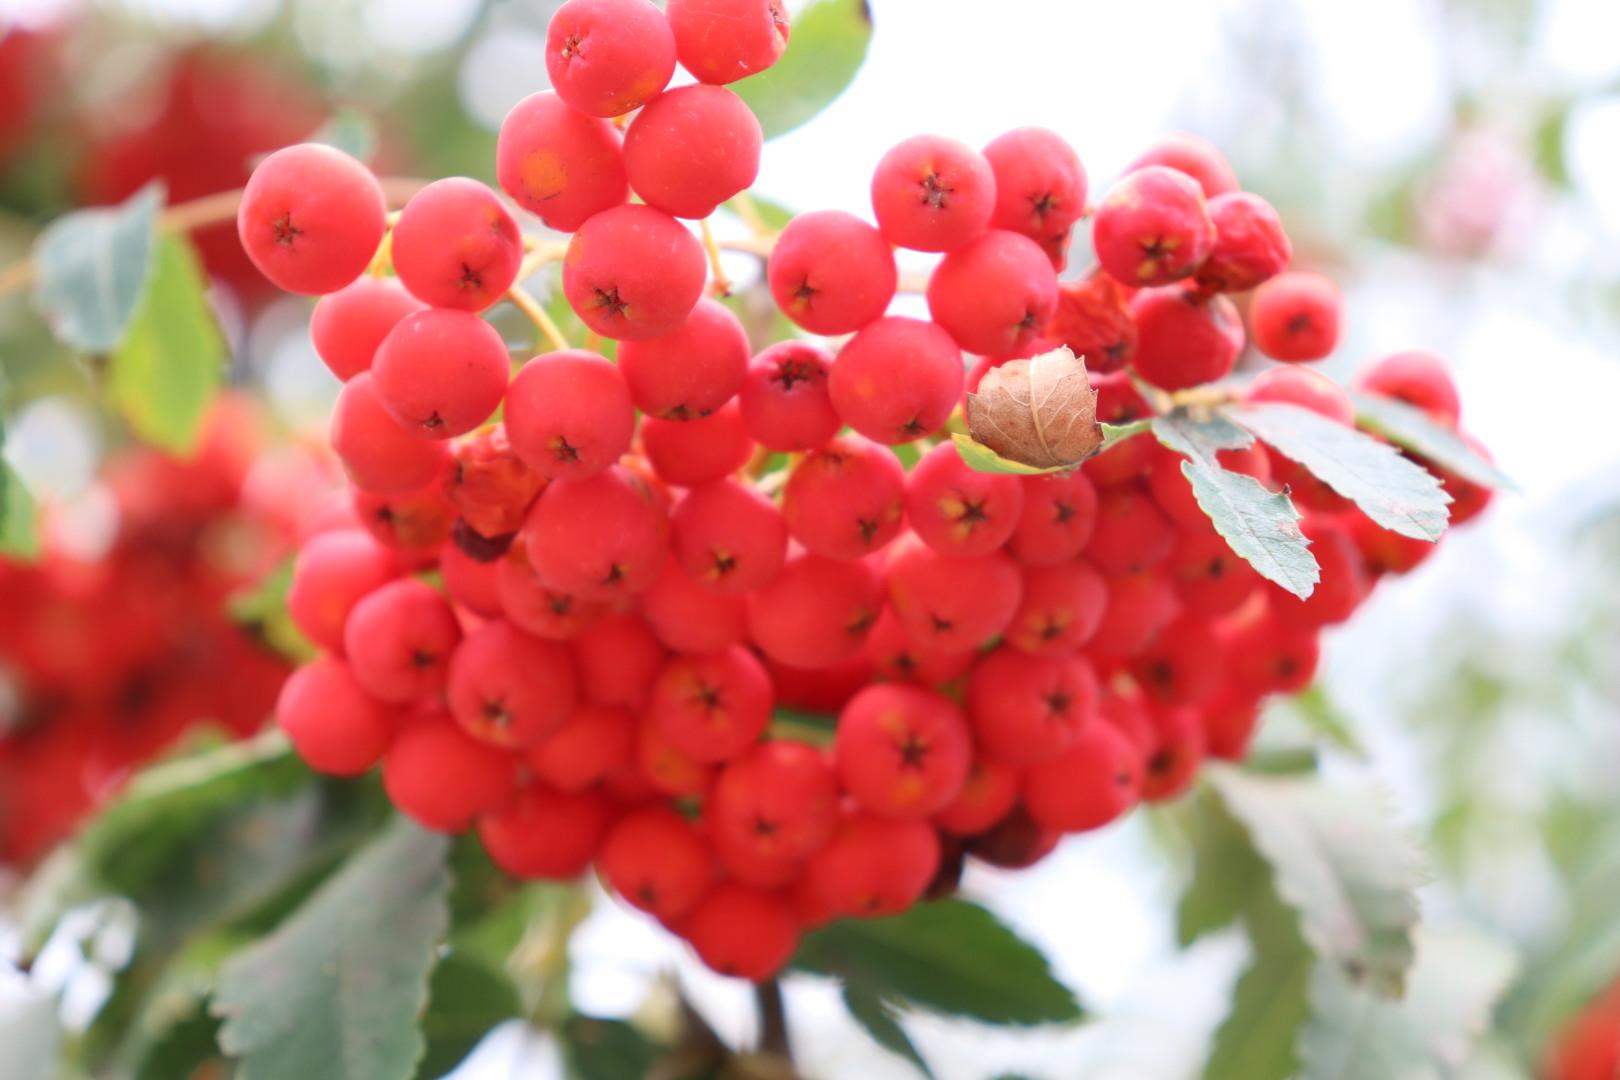 Foto von roten Beeren an einem Strauch, Nahaufnahme